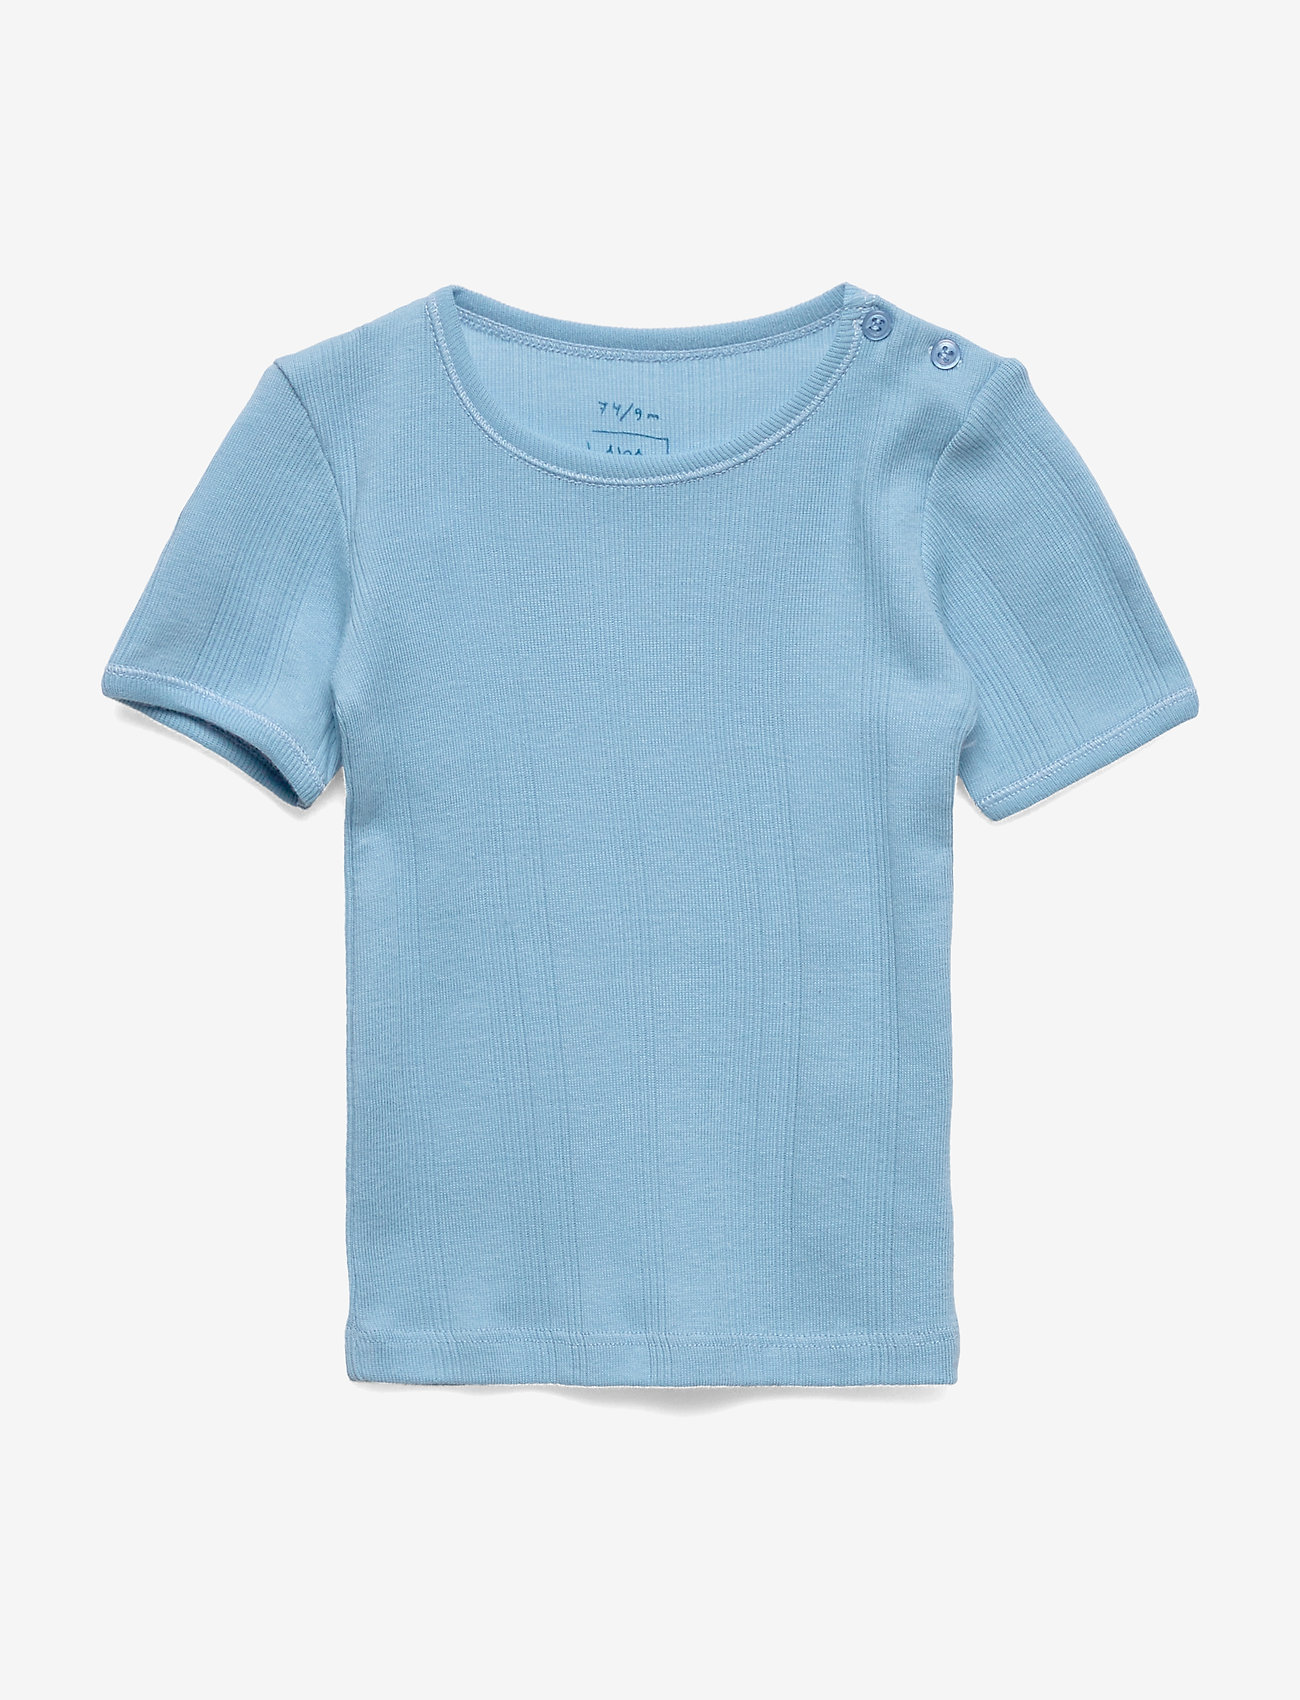 Noa Noa Miniature - T-shirt - short-sleeved - dusk blue - 0